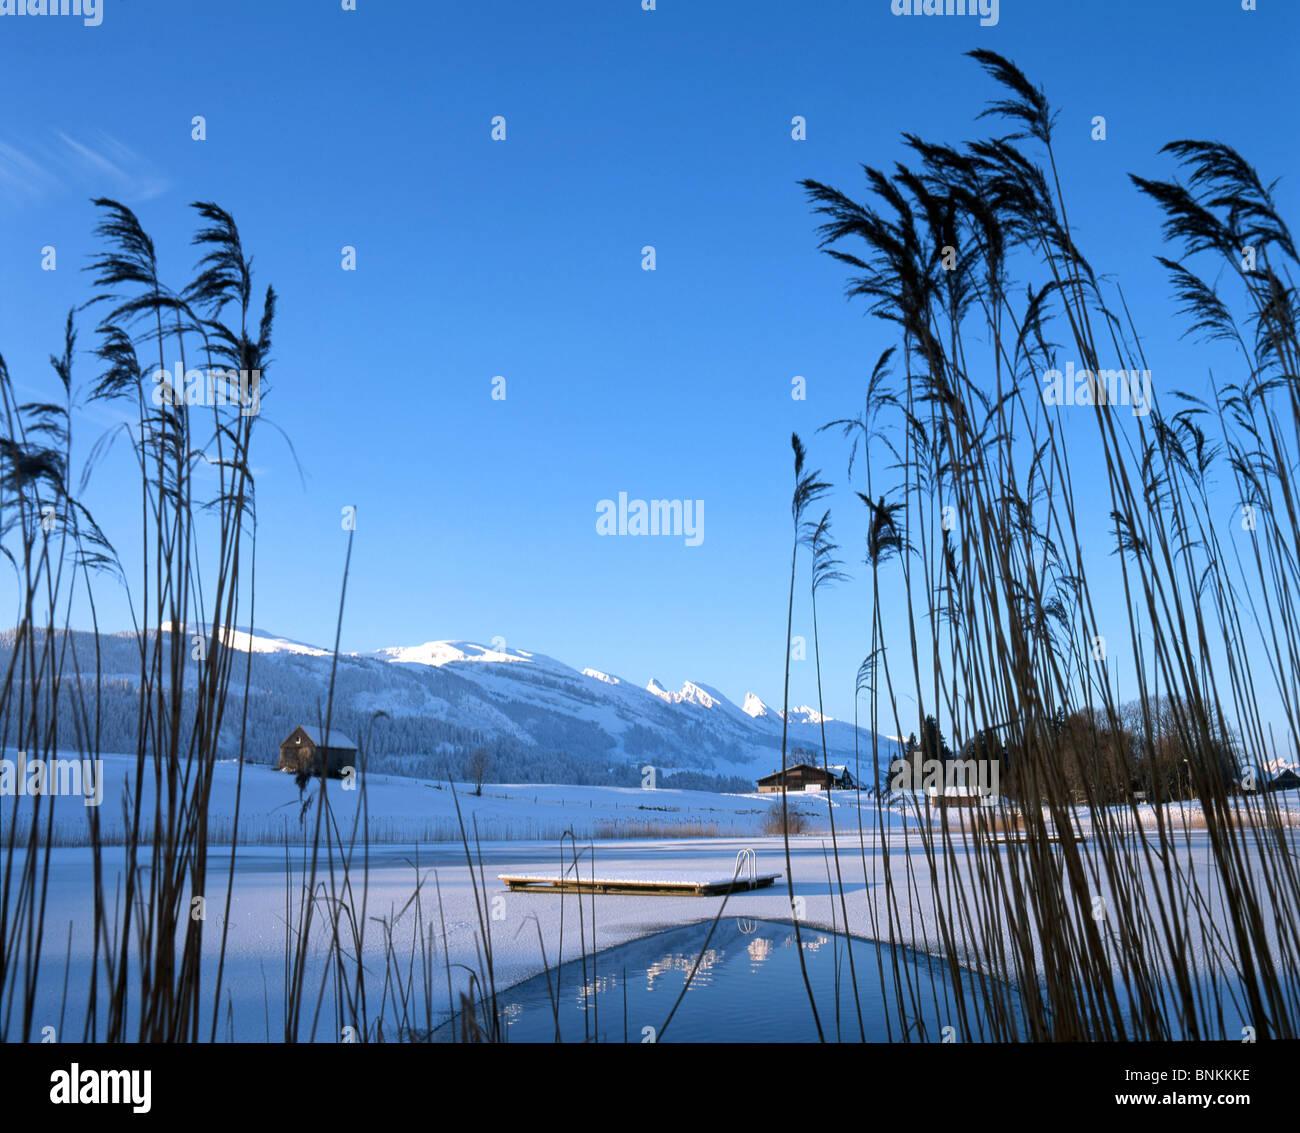 Schweiz Winter Landschaft Schnee Eis Abdeckung See Meer Teich Fror Iceboundly Reed Berge Kanton St Gallen Natur